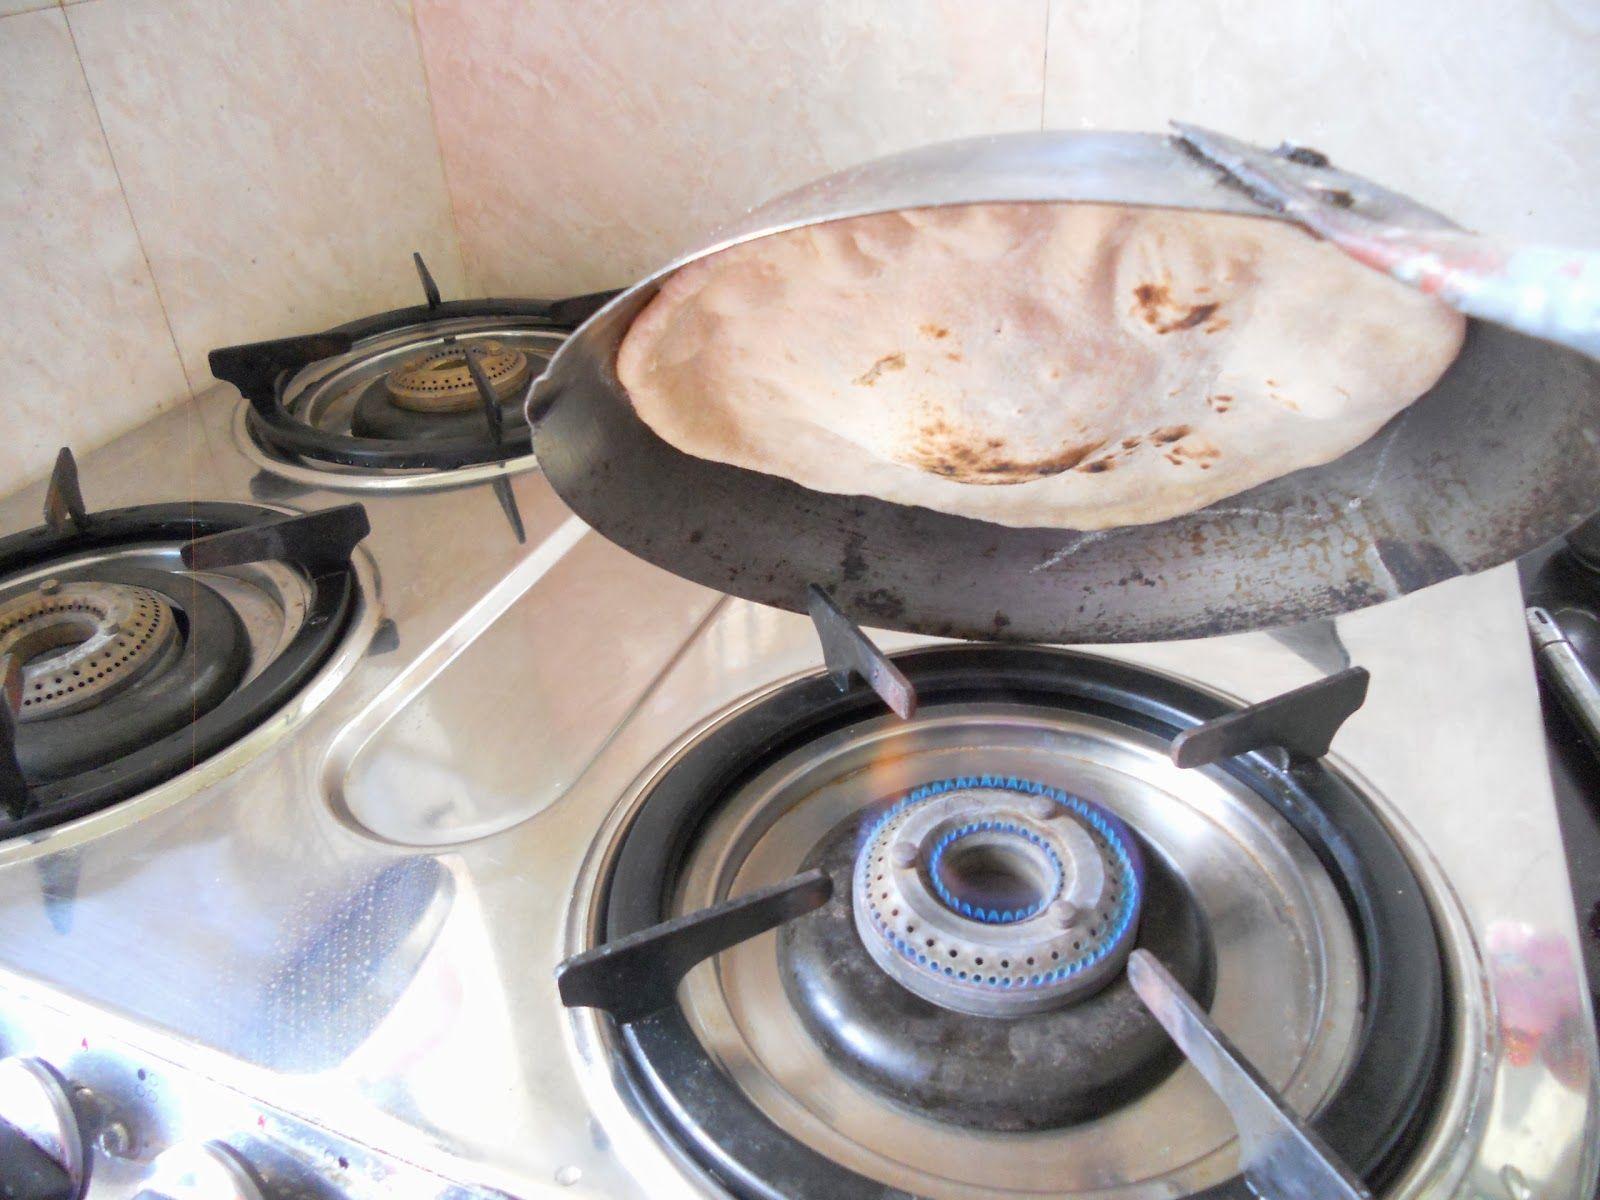 Tandoori Roti On Stove Top | Tandoori roti, Stove top, Roti